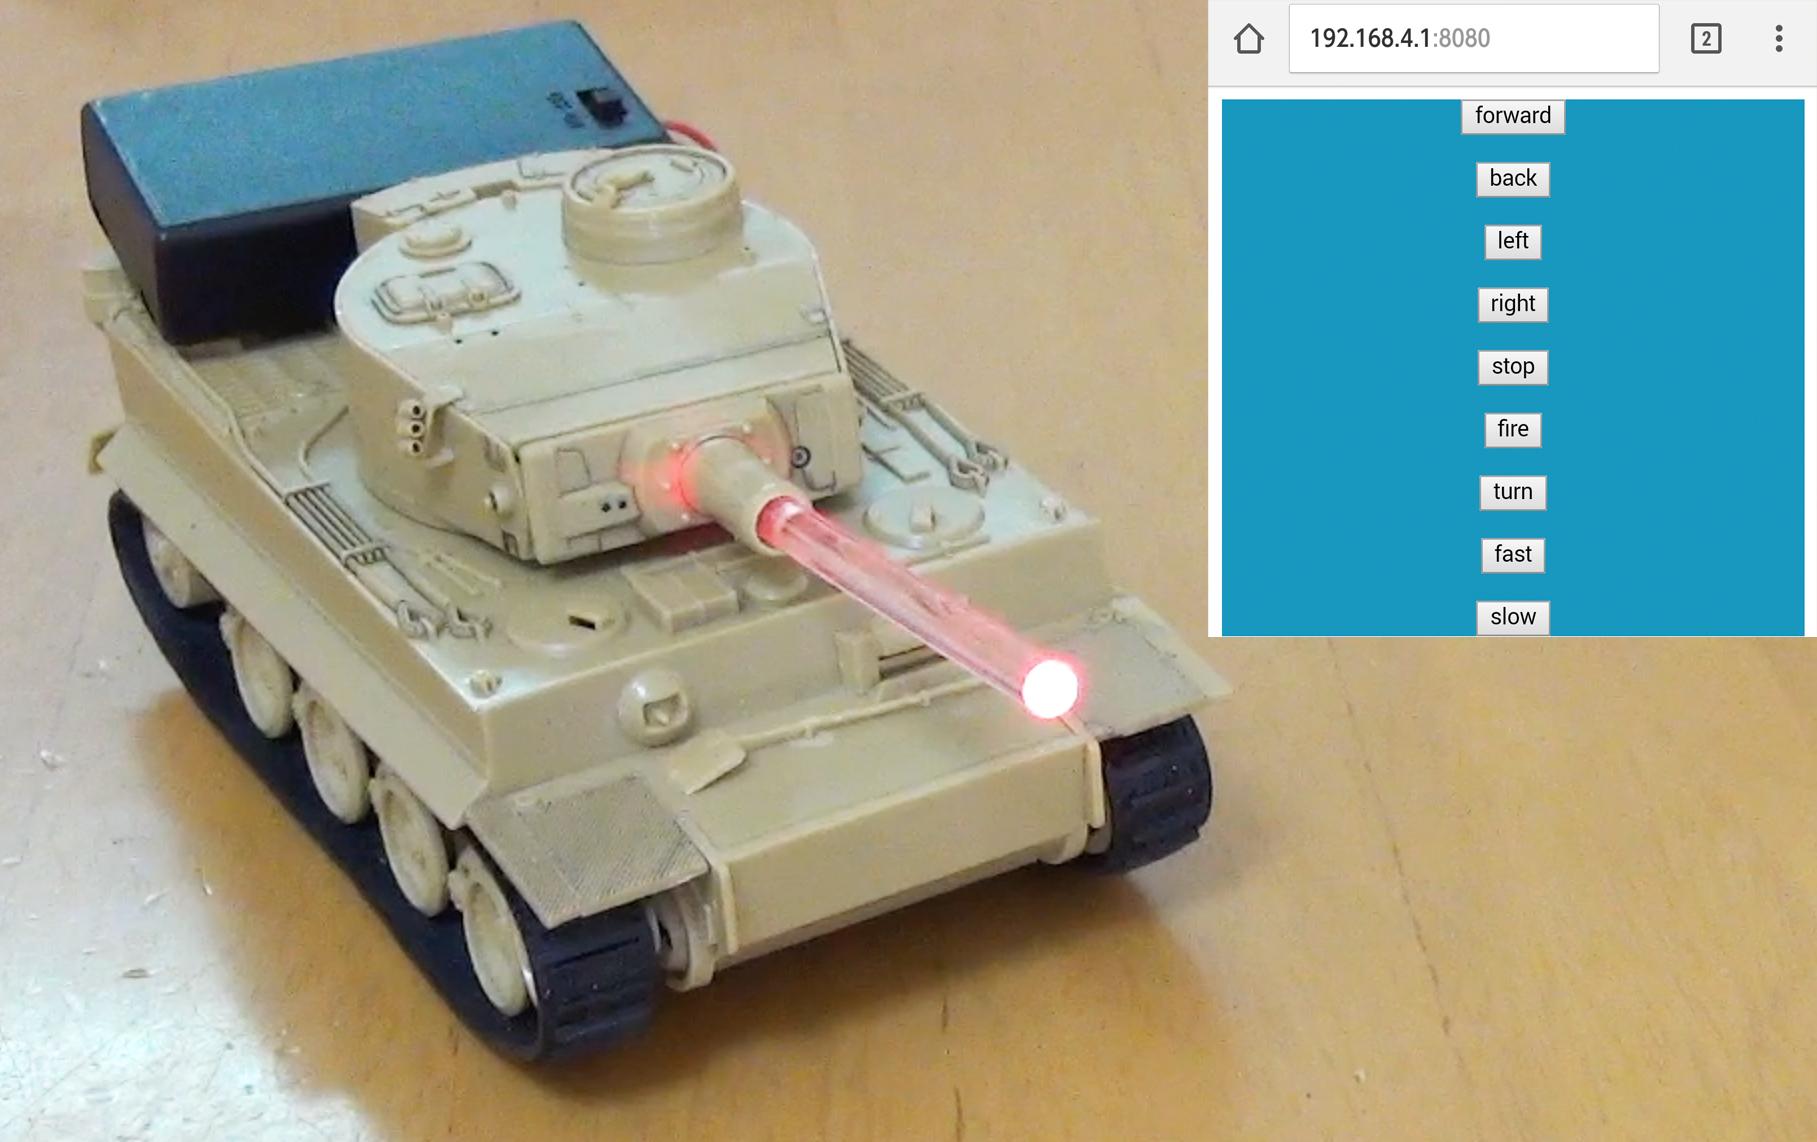 スマートフォンからタイガーIを遠隔操作するイメージ